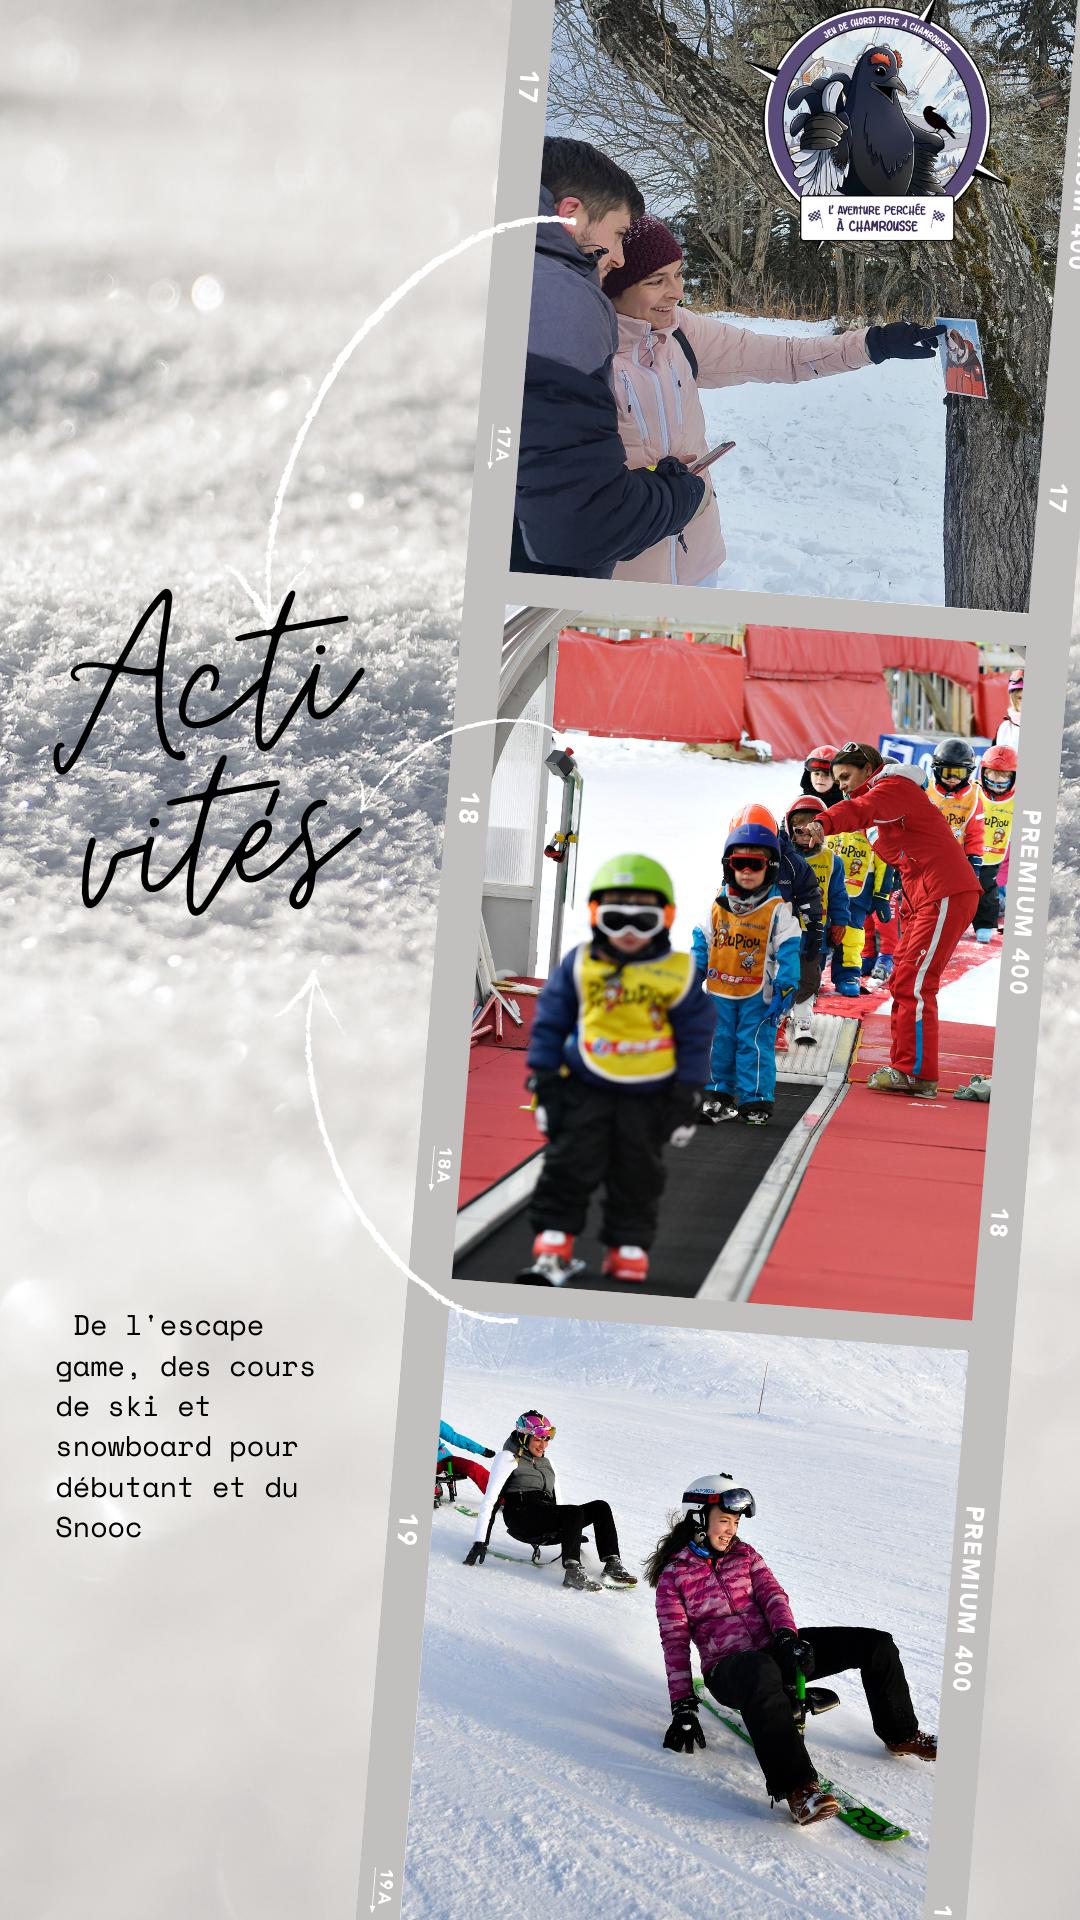 Chamrousse activité loisir escape game apprentissage ski snooc station ski montagne isère alpes france - © CP - OT Chamrousse / Canva